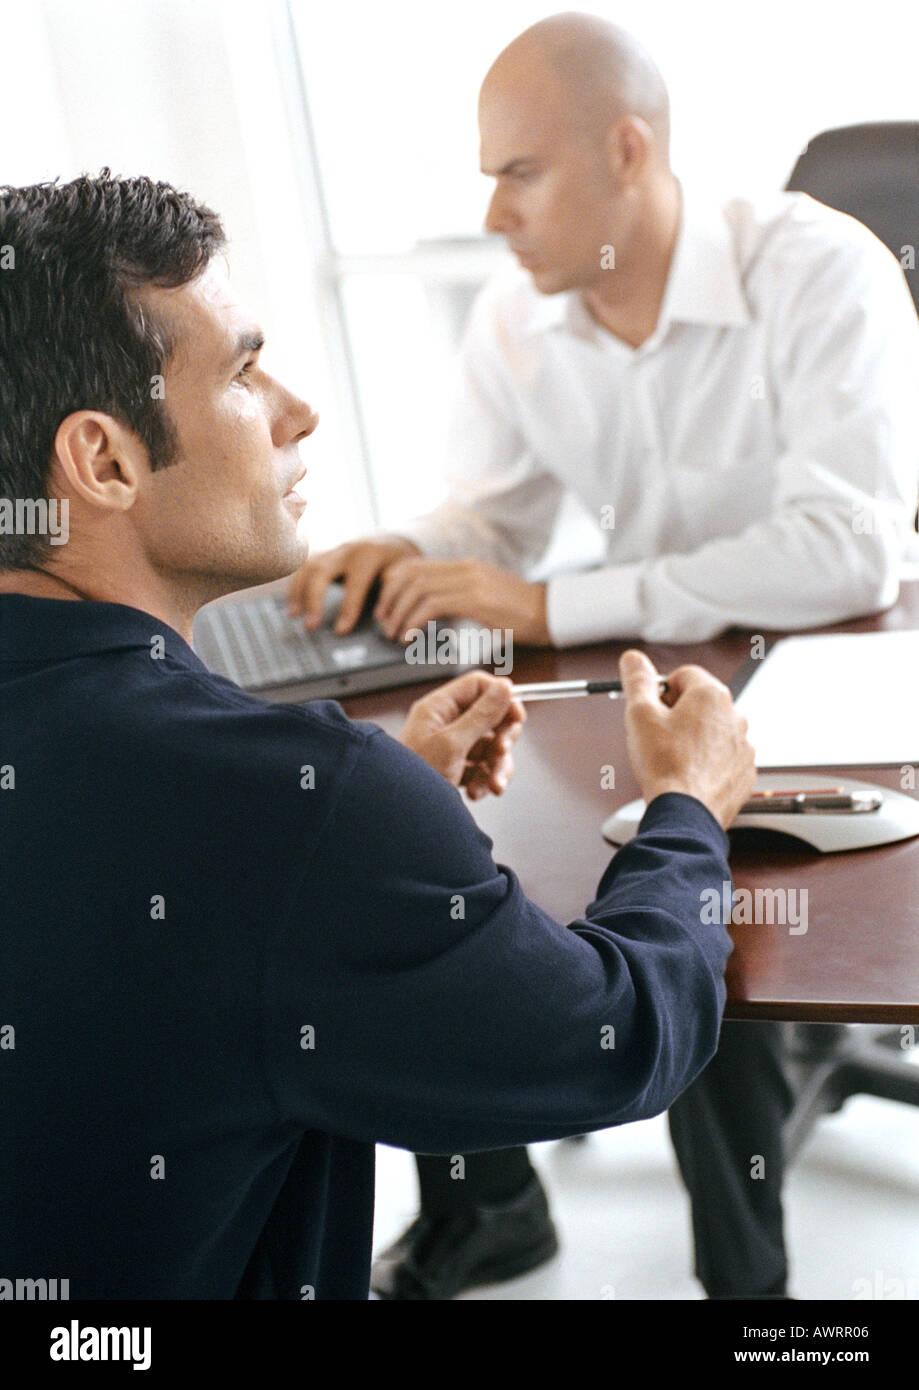 Businessmen sitting at desk - Stock Image